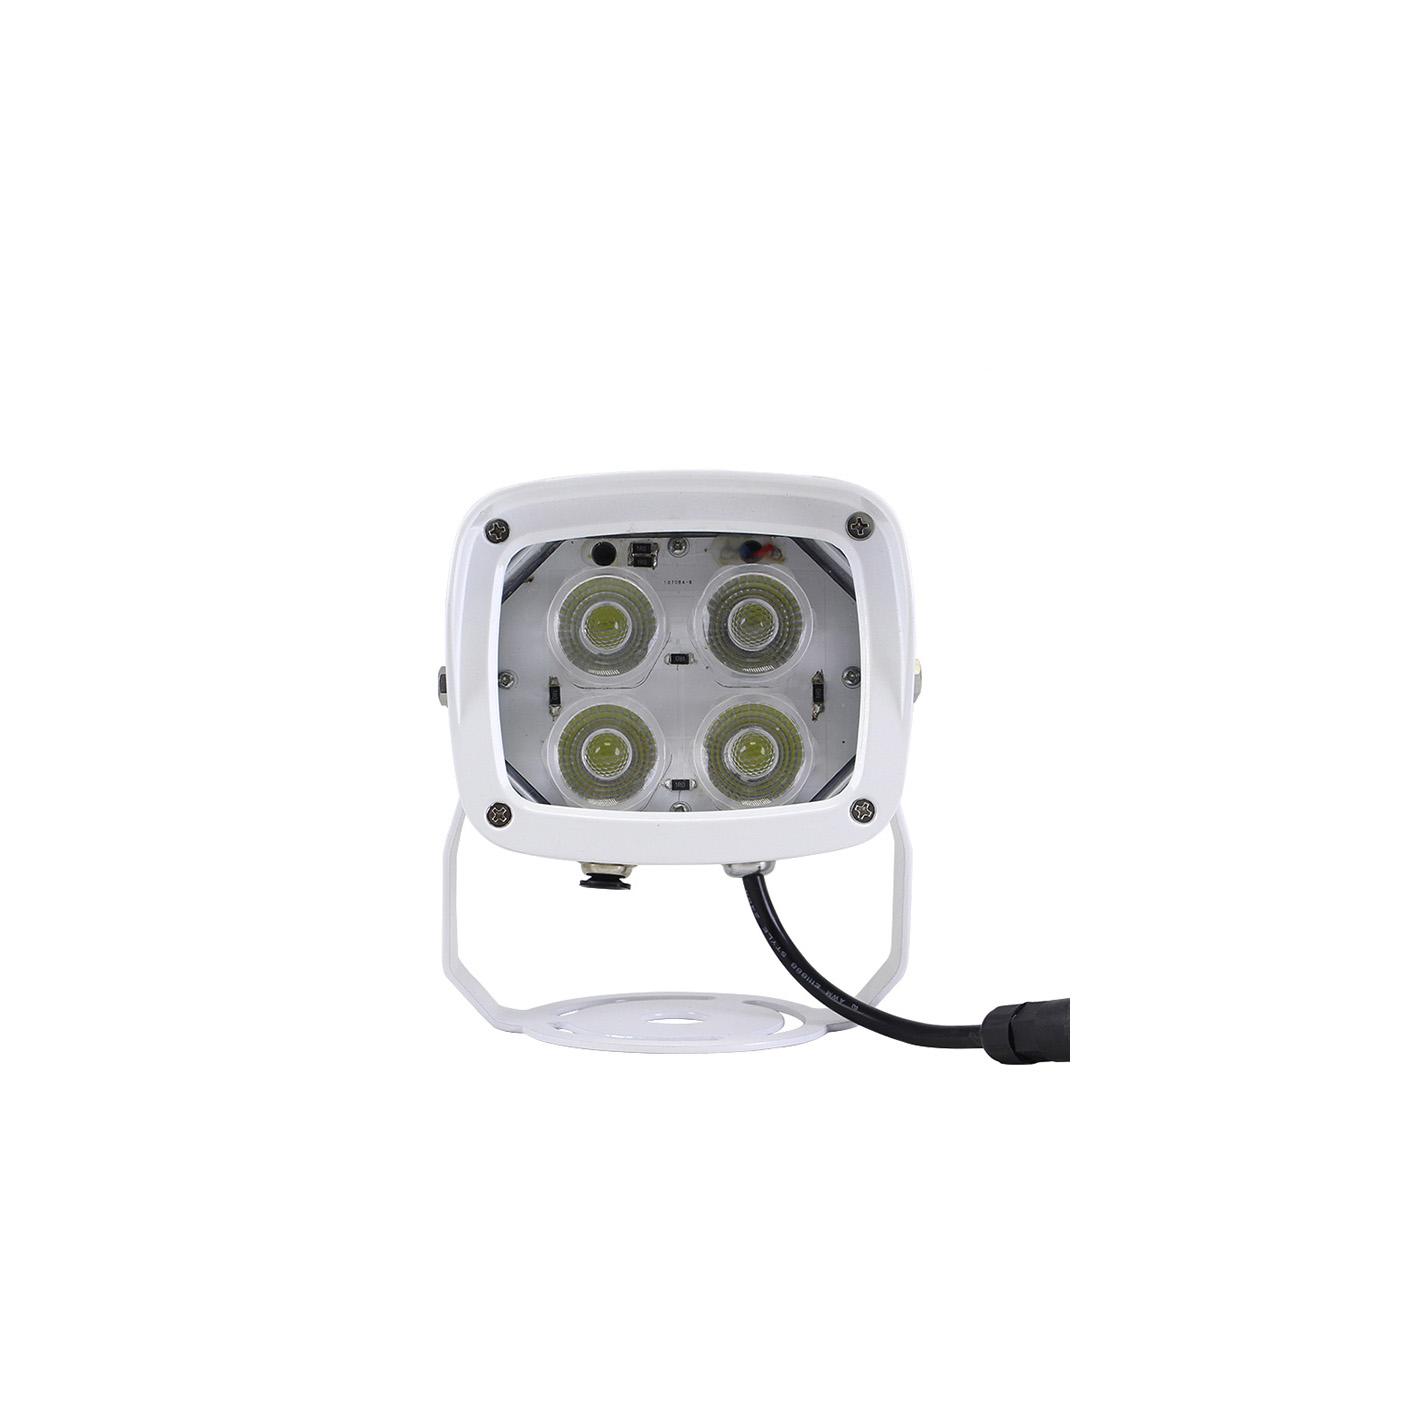 耀弘补光灯——配合监控摄像机夜间补光